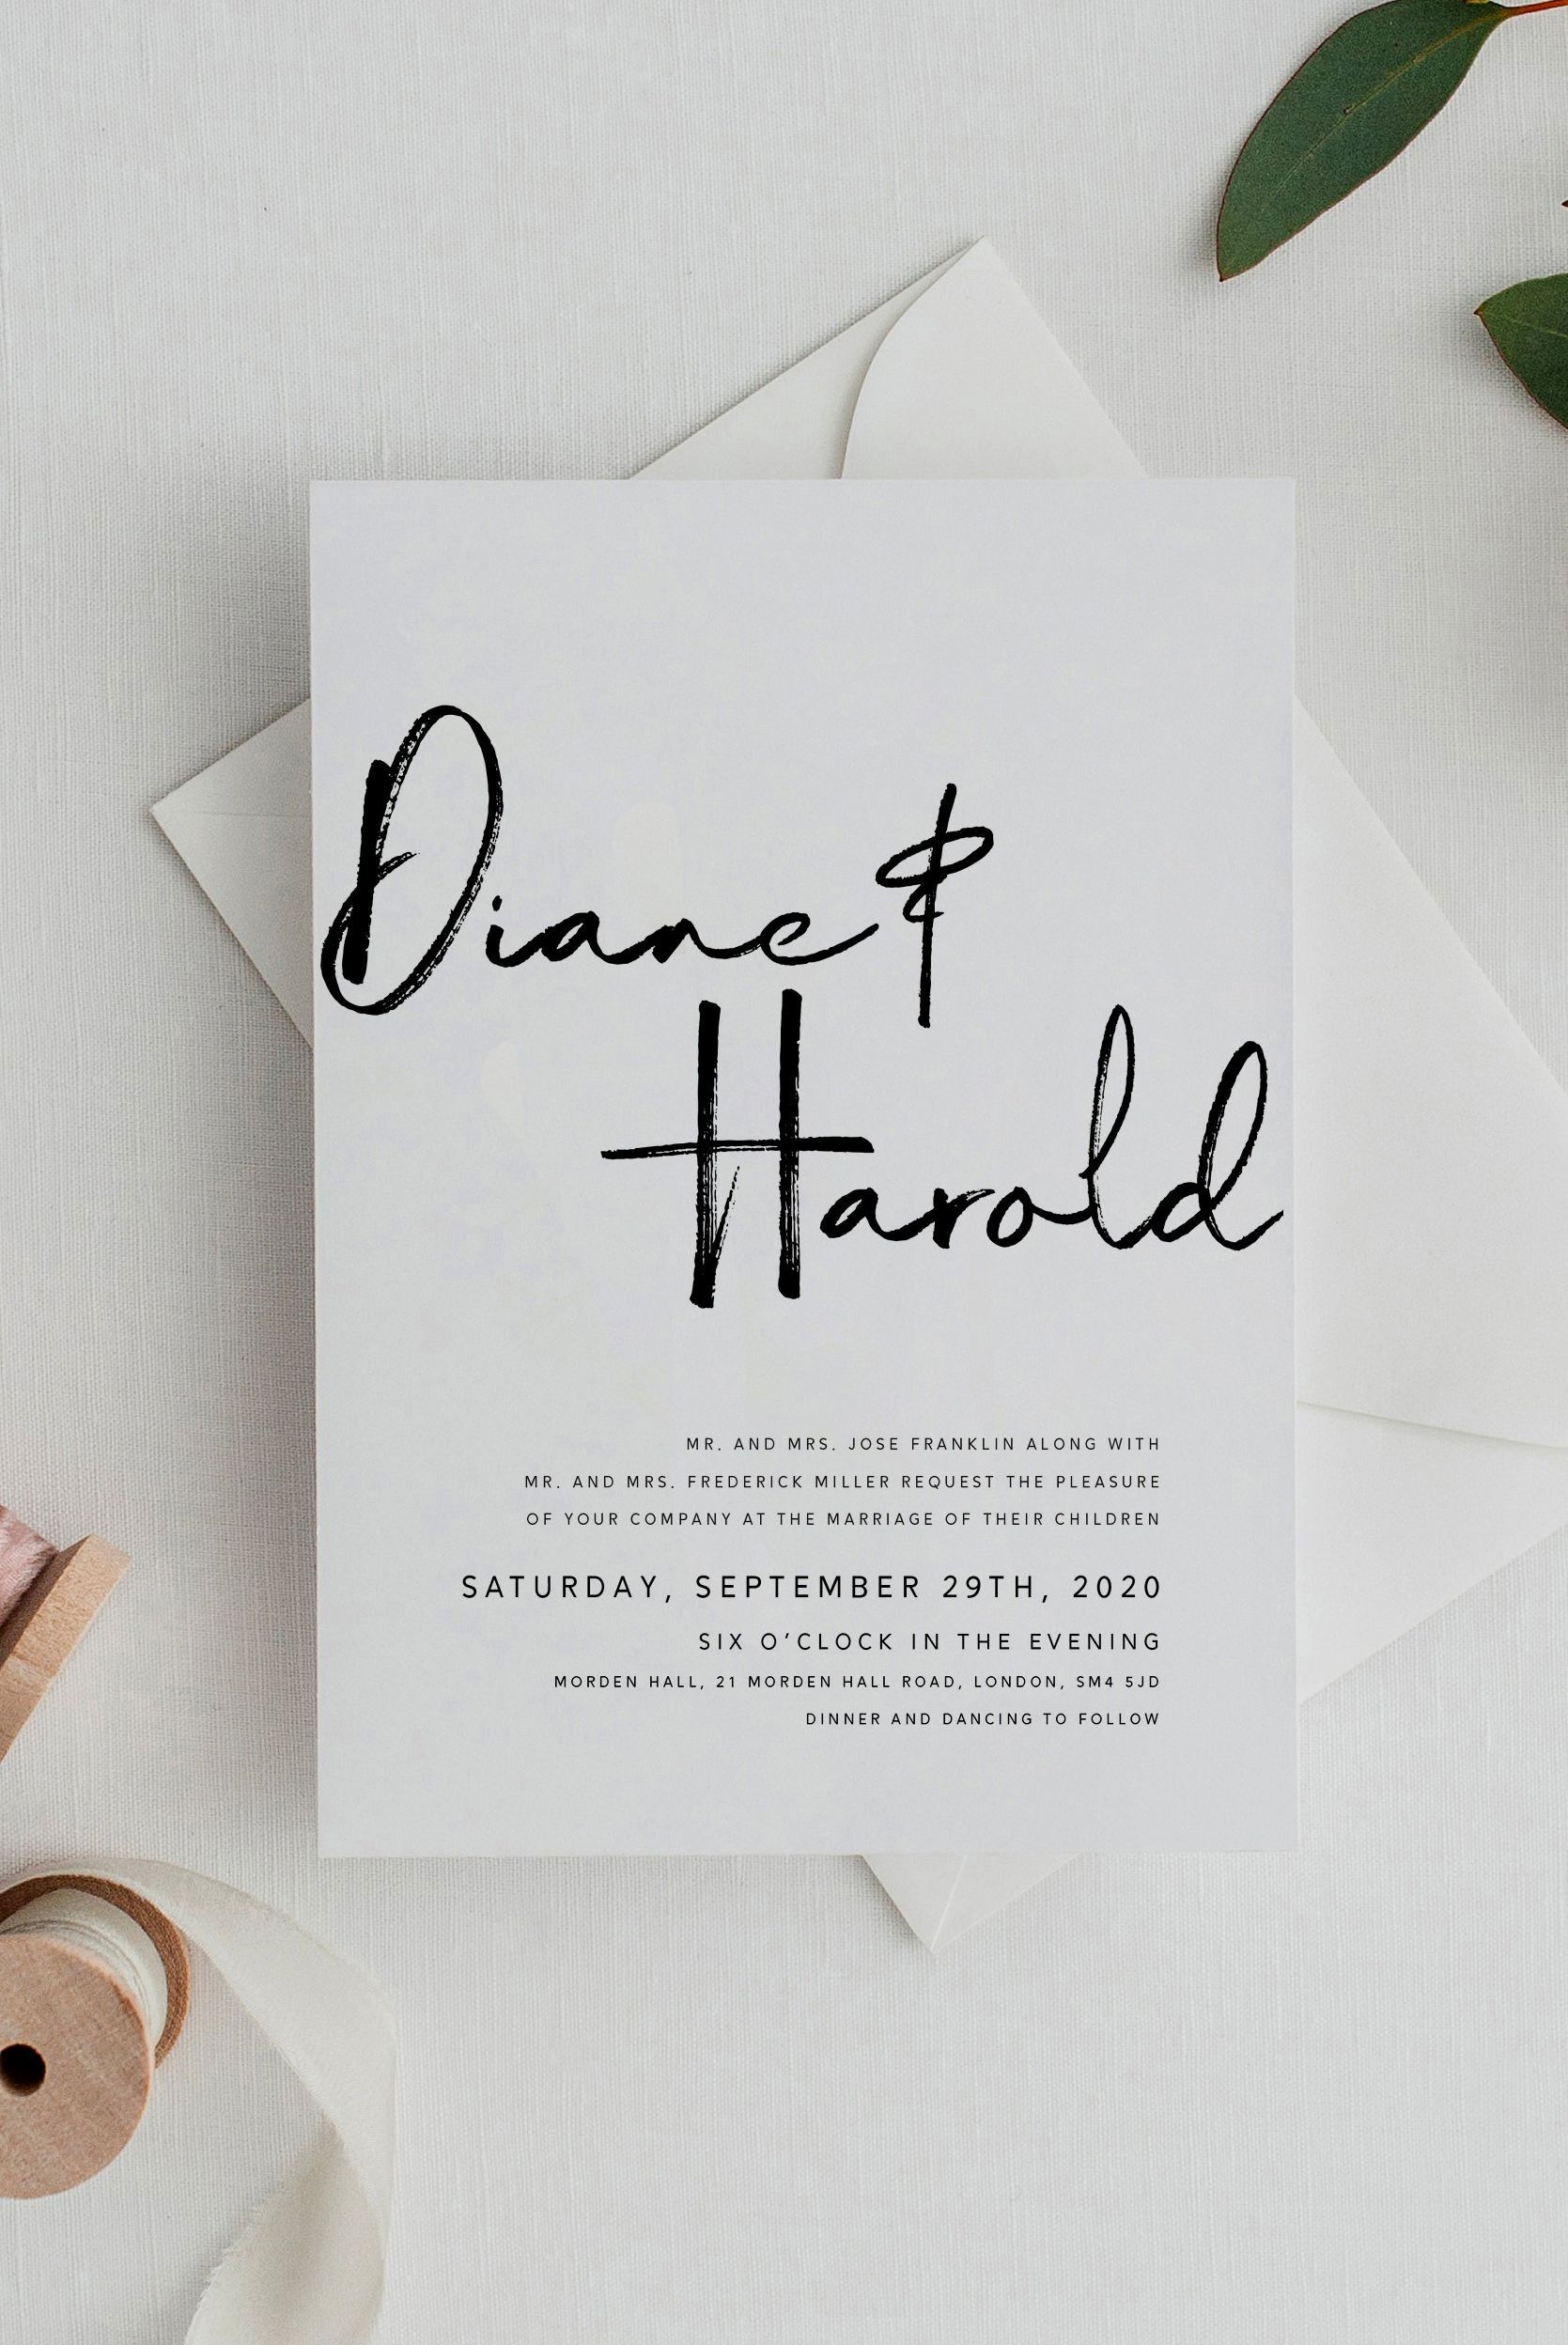 Moderne Hochzeit Einladungskarten Einladungskarten Hochzeit Einl Selbstgemachte Hochzeitseinladungen Coole Hochzeitseinladungen Elegante Hochzeitseinladungen